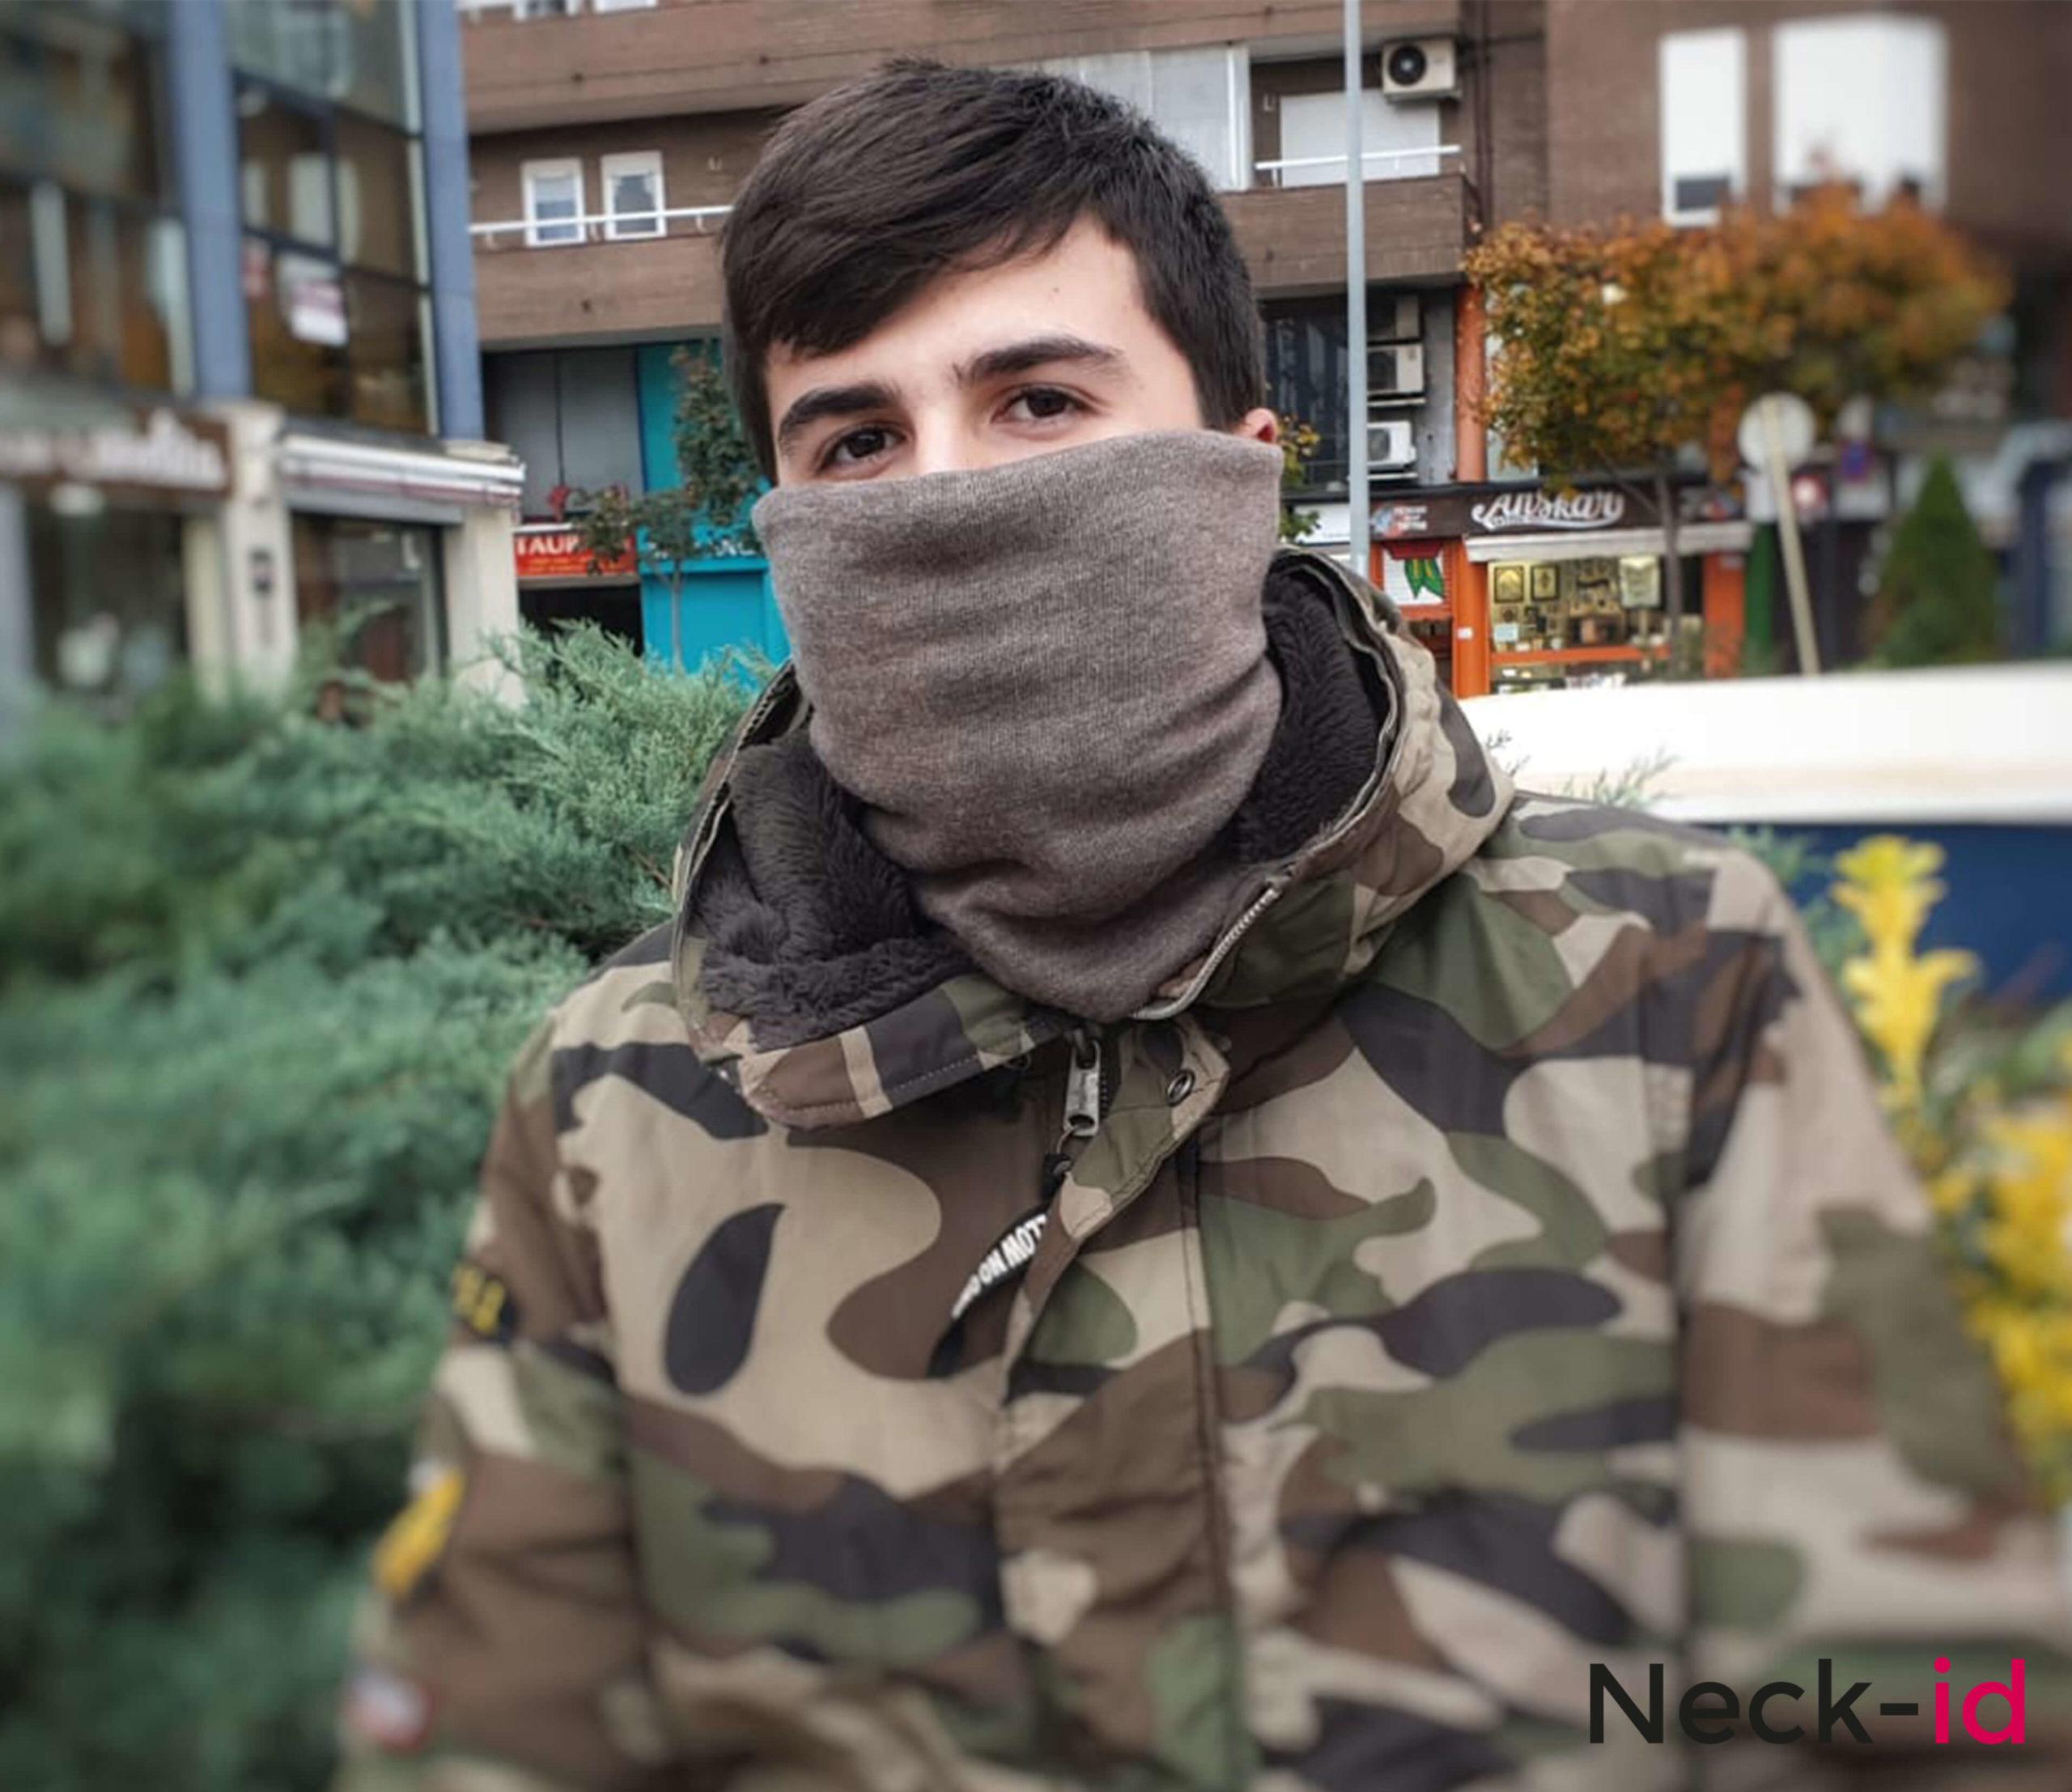 Neck-id Marrón, consigue la mayor protección